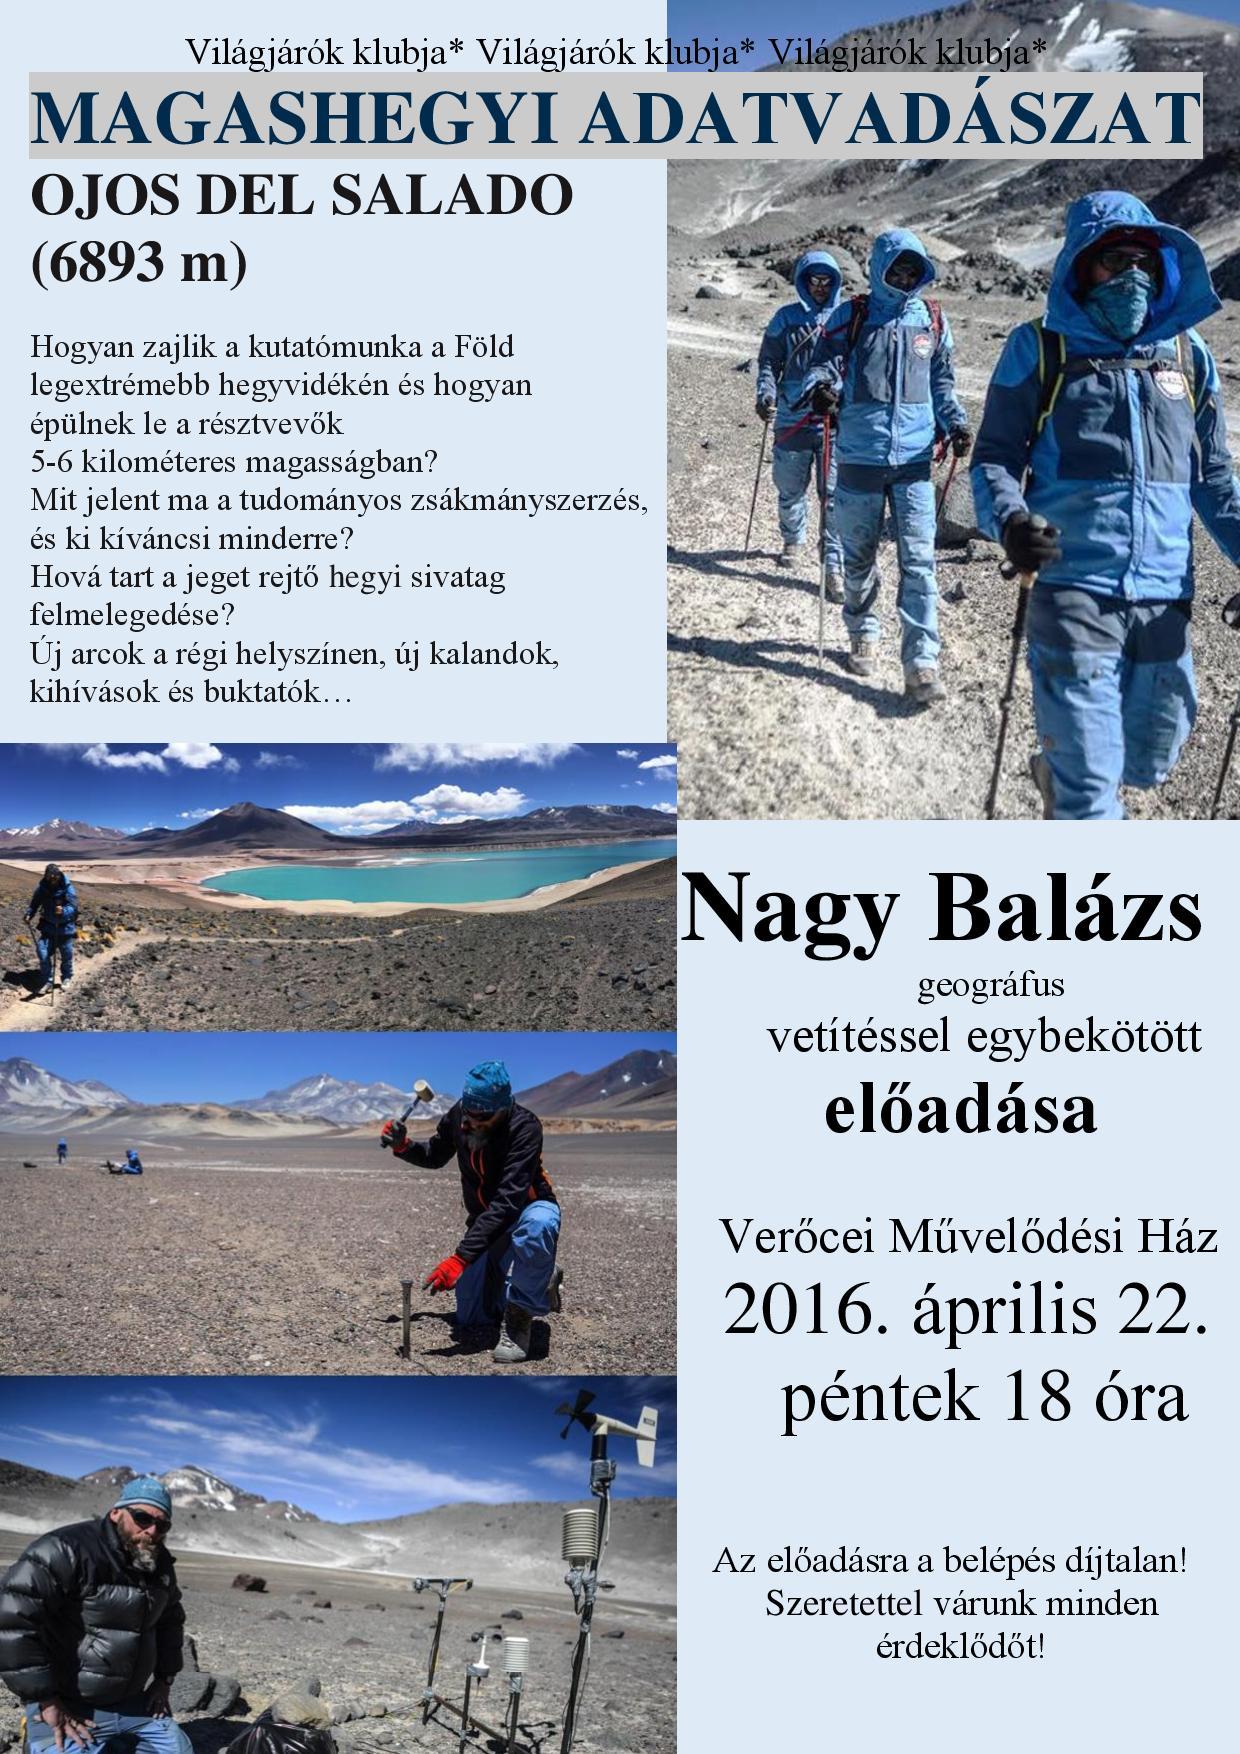 világjárók klubja Nagy Balázs-page-001